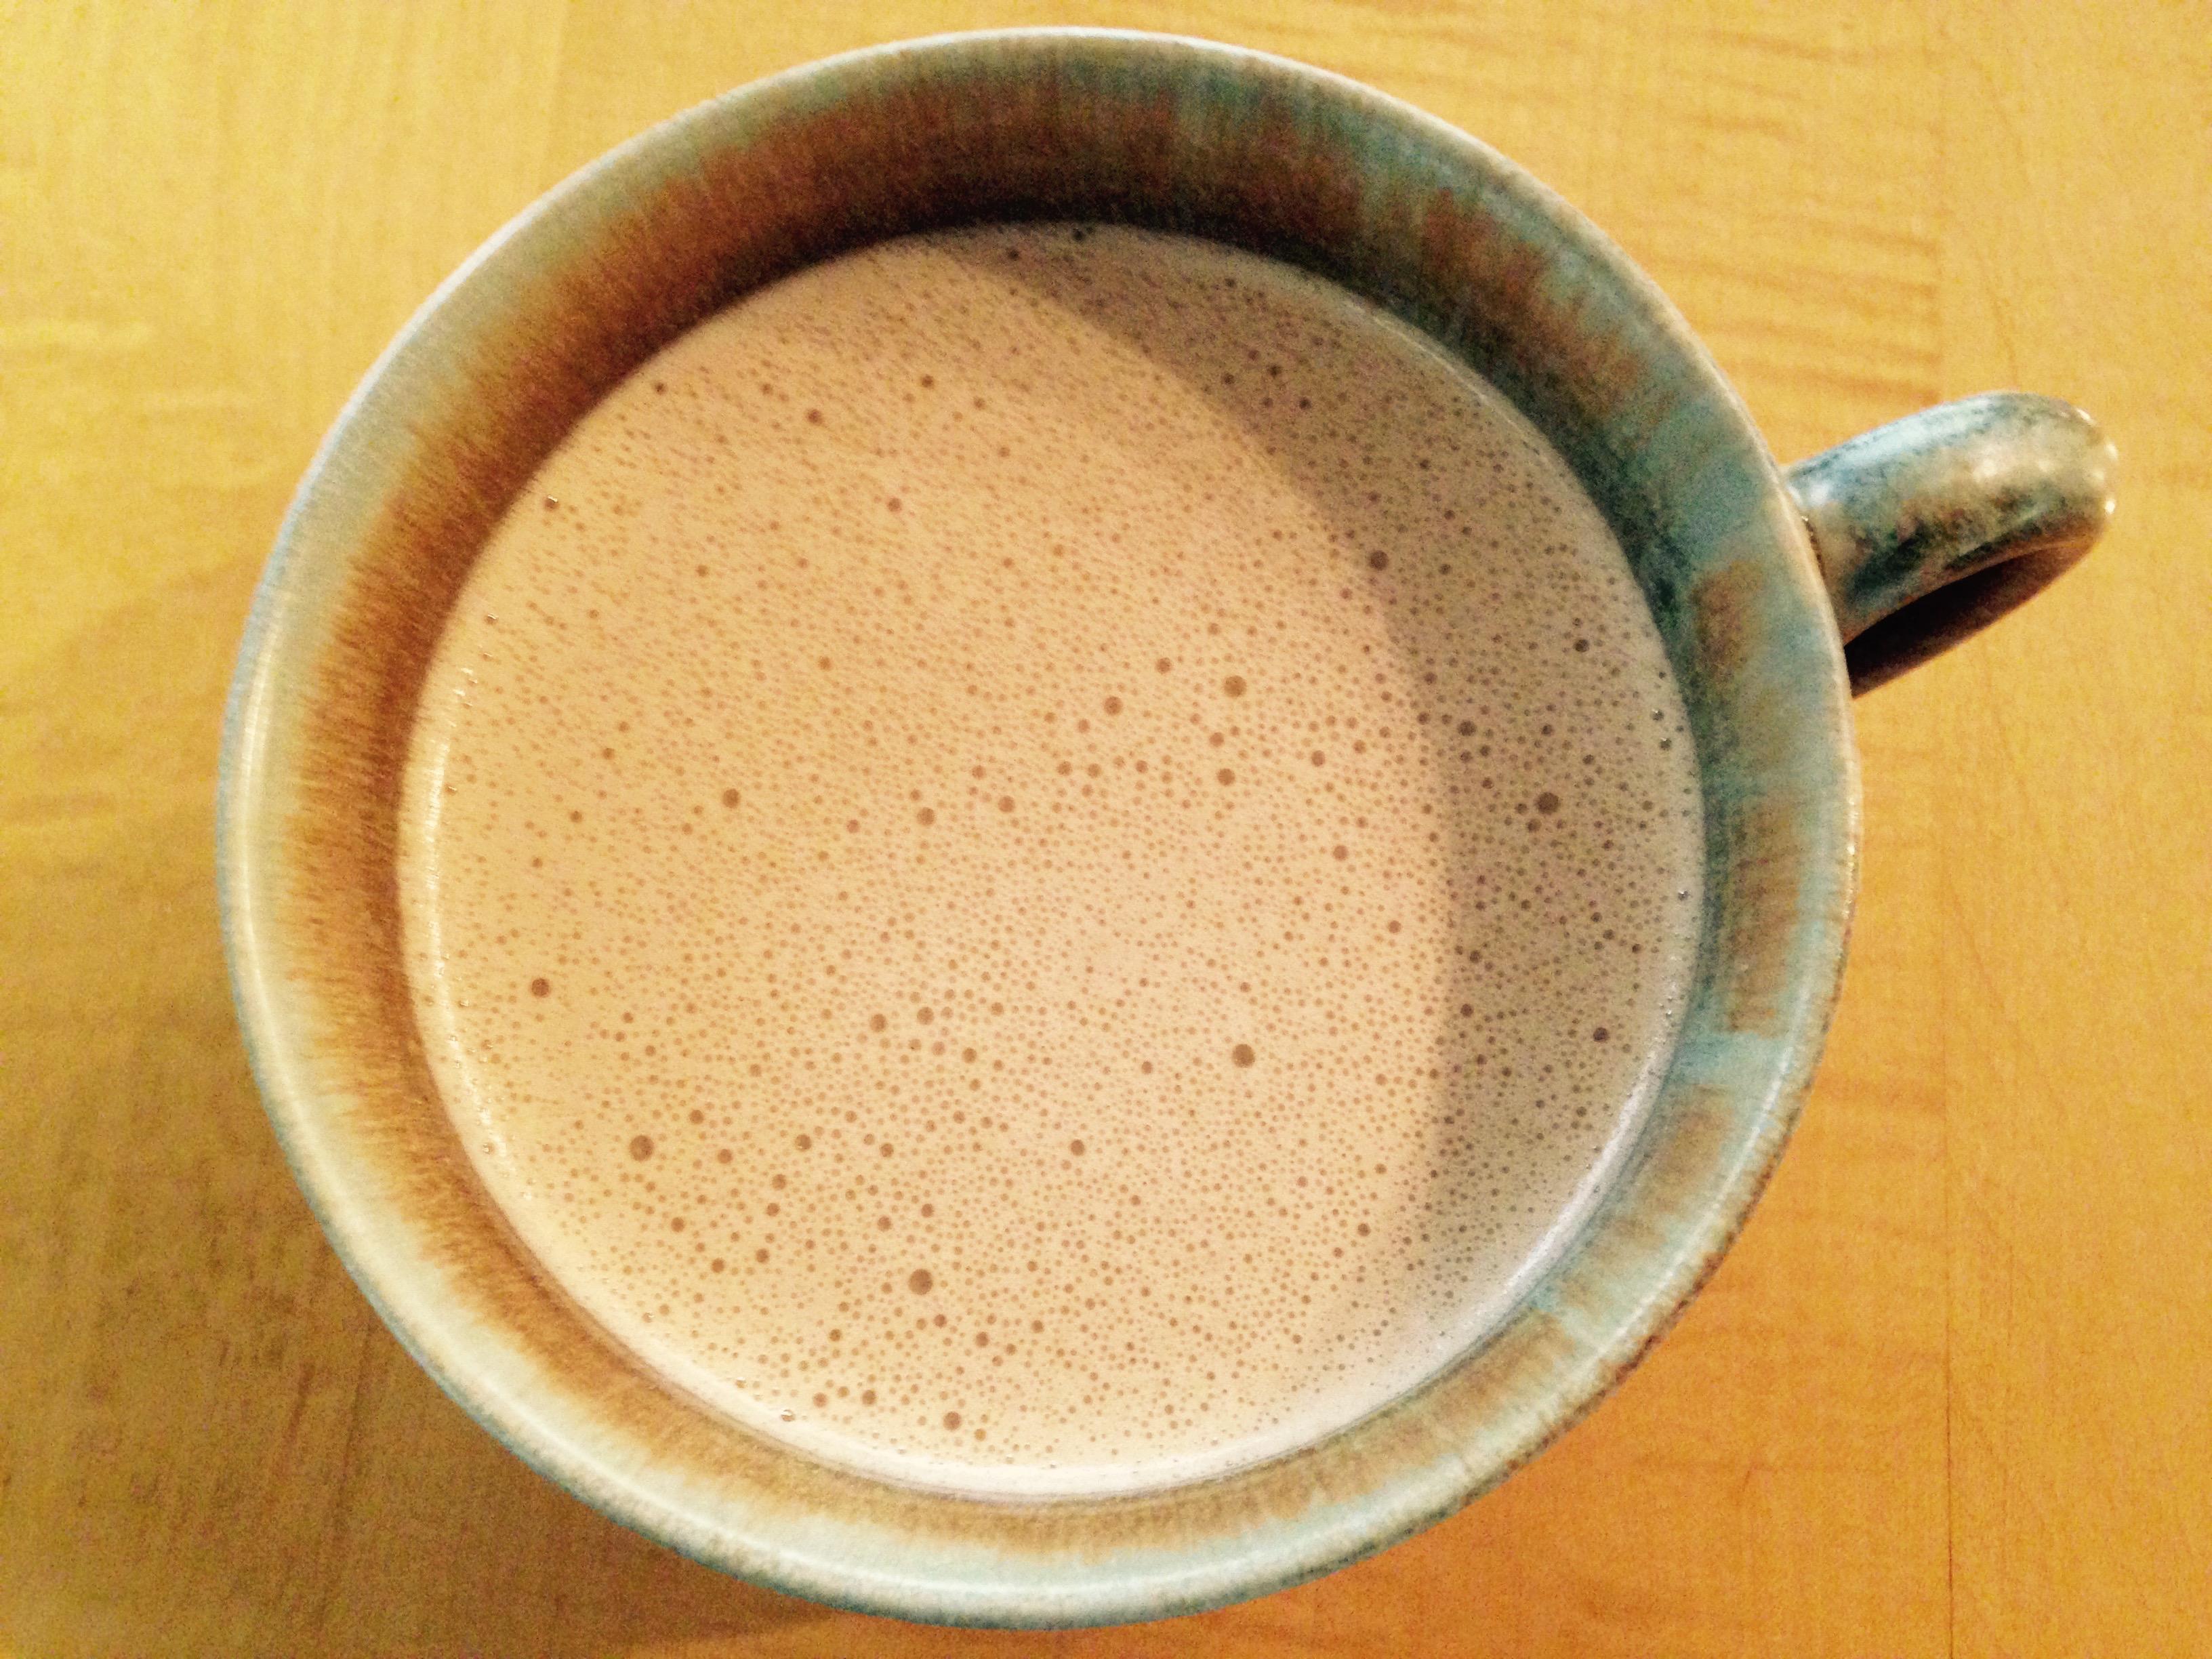 Coffee, Bulletproof Coffee, Butter Coffee, My Trainer Fitness, Devani Alderson, LeAura Alderson